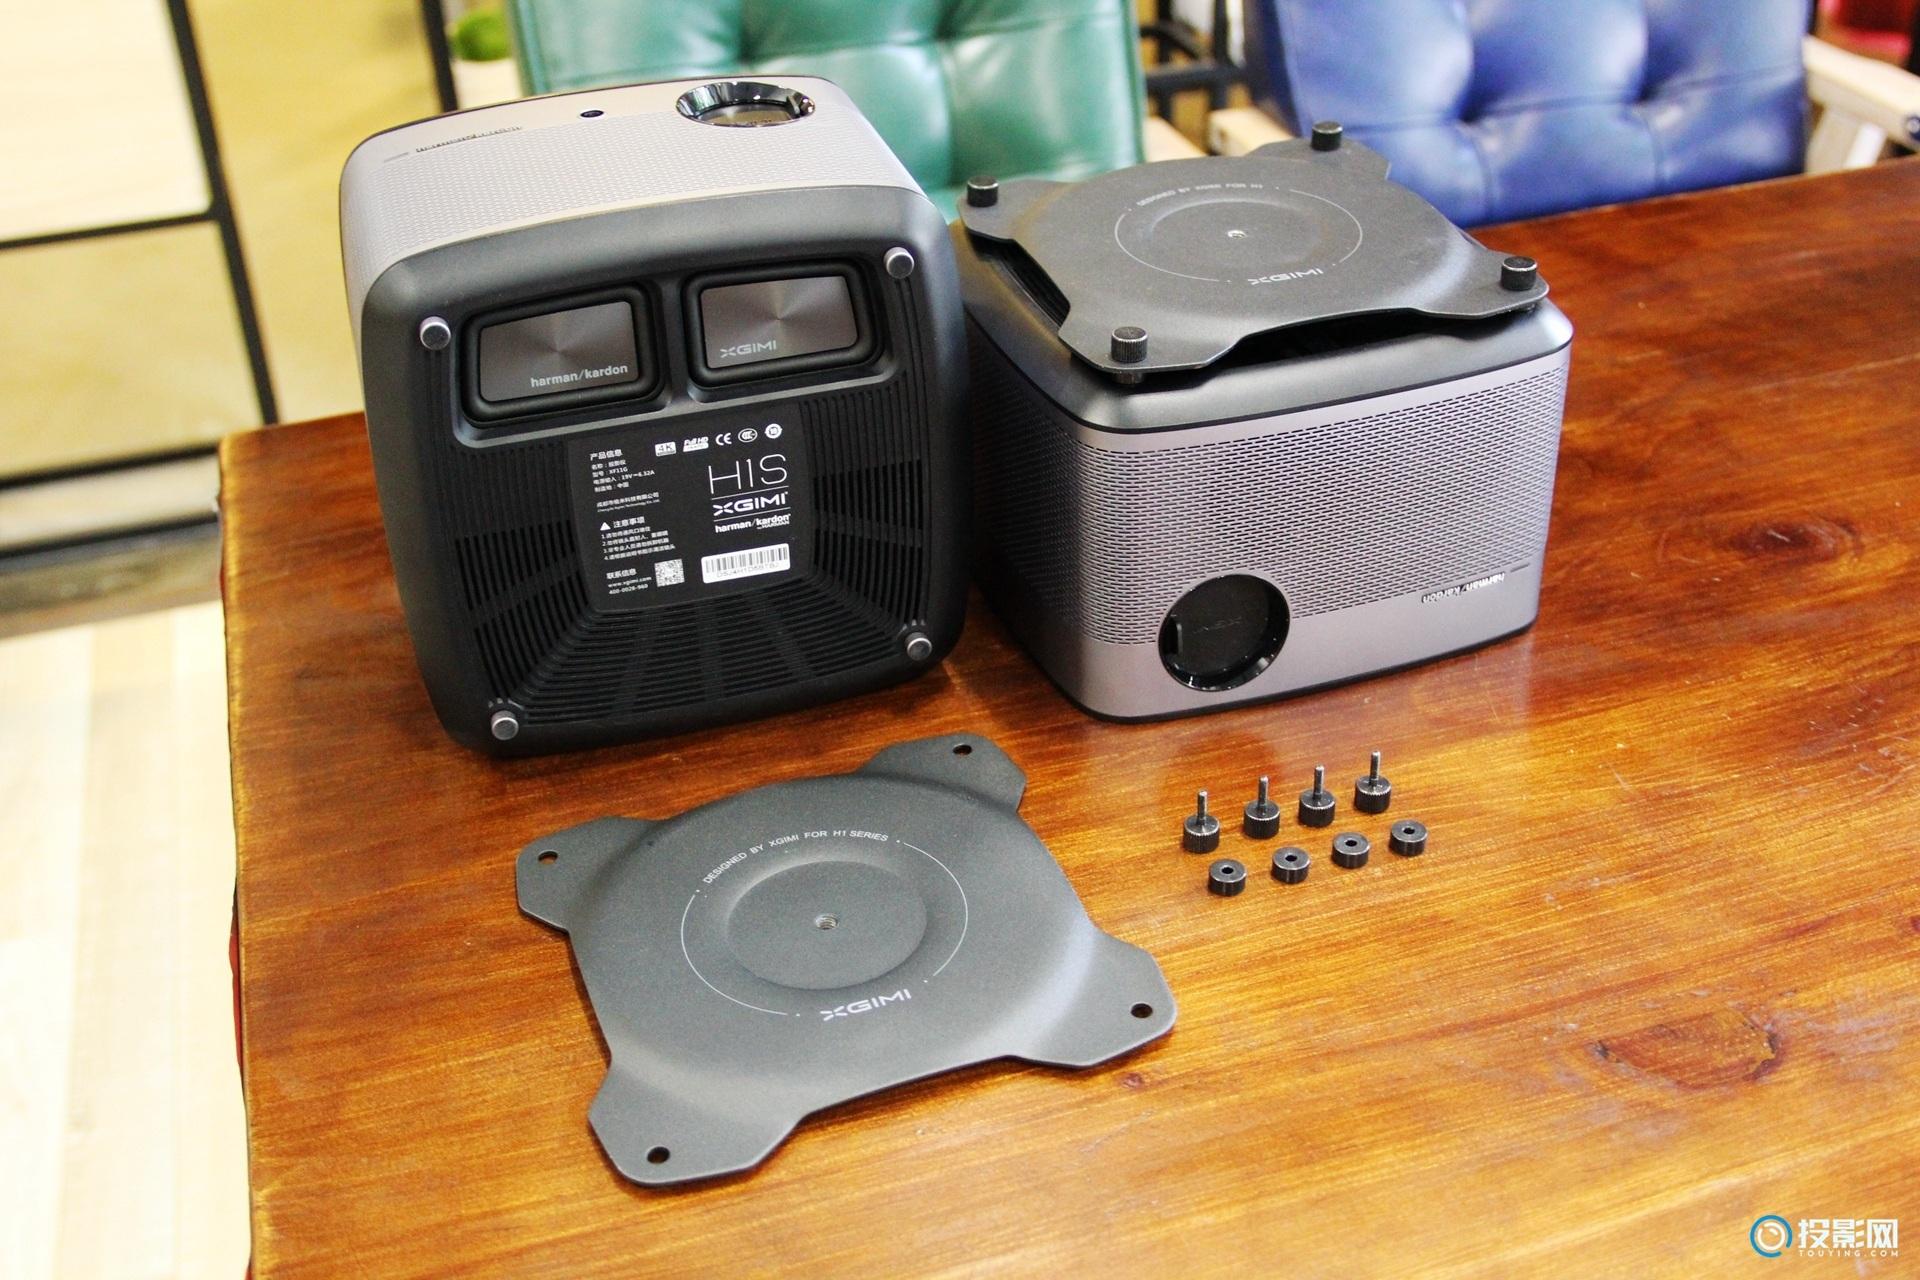 极米H1S和极米H1对比评测:不吹不黑,从消费者角度出发!